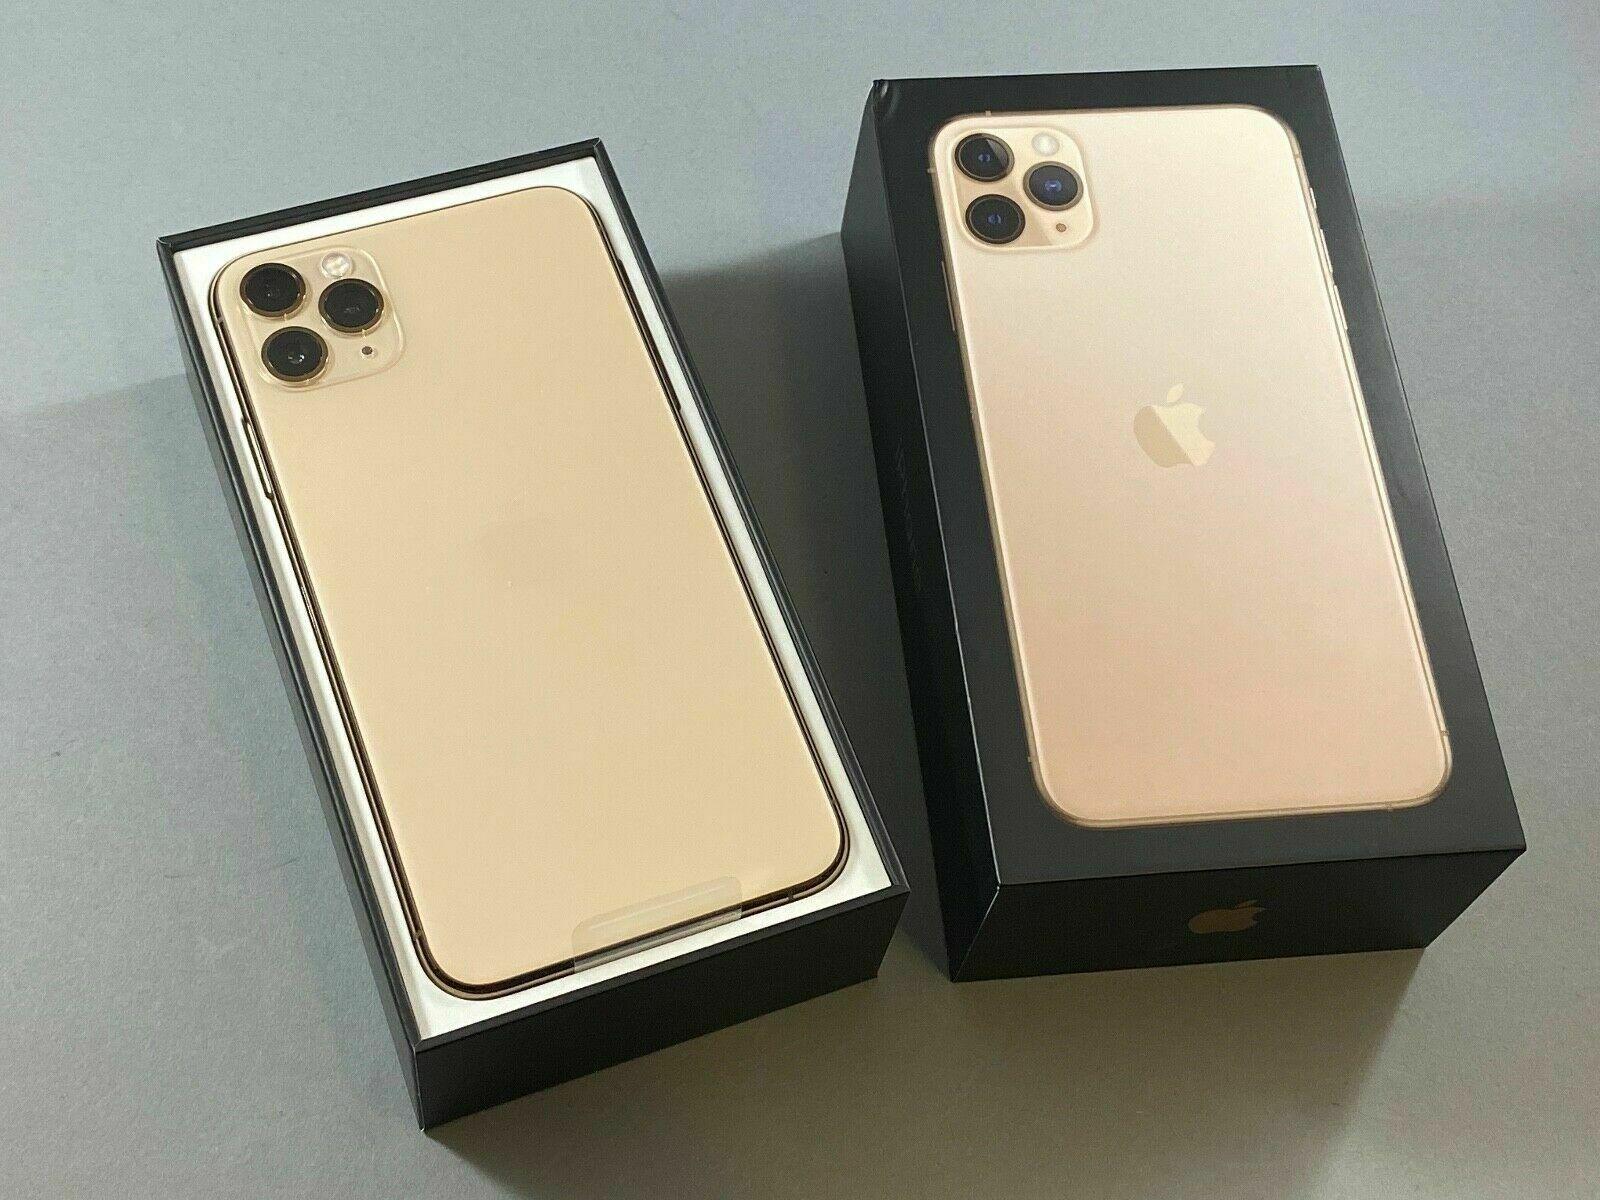 Apple iPhone 11 Pro Max 256GB Todos los colores(Desbloqueado)Garantía de Apple